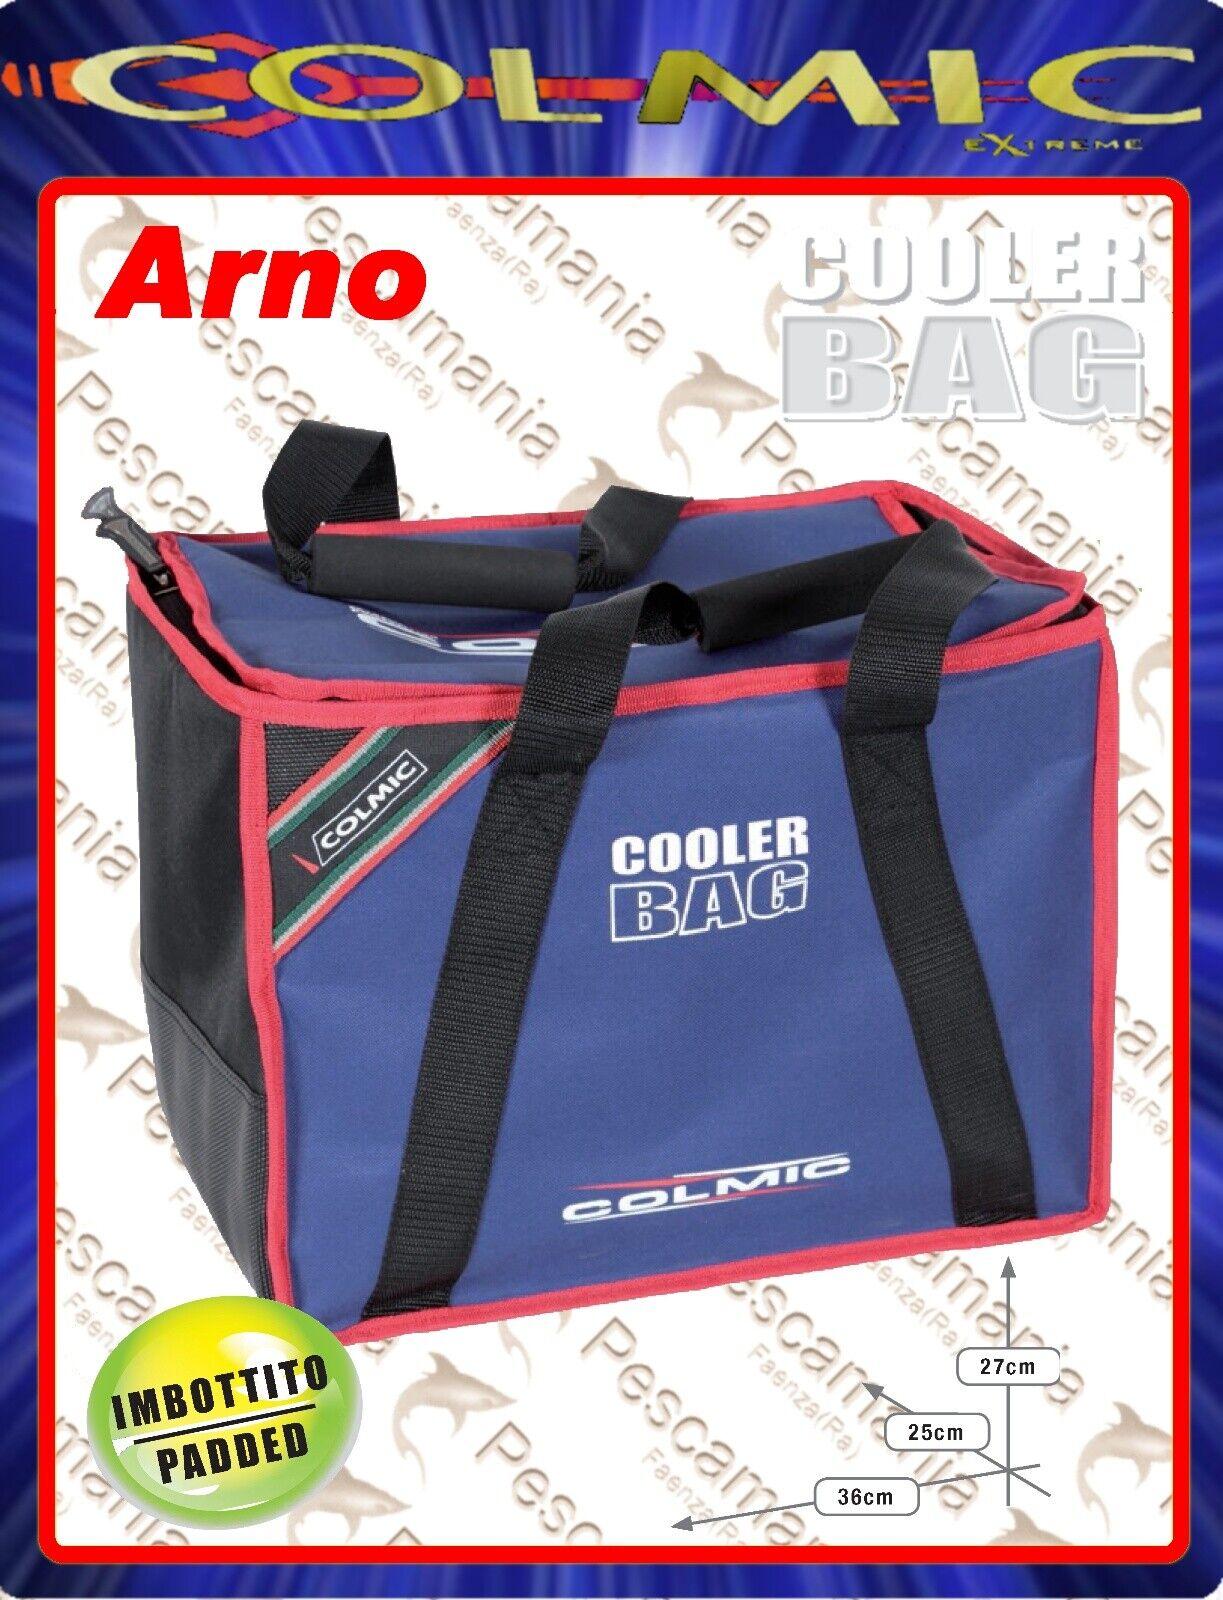 Borsa Frigo Colmic Arno Cooler rojo series rigida  cm36x25 H27  centro comercial de moda